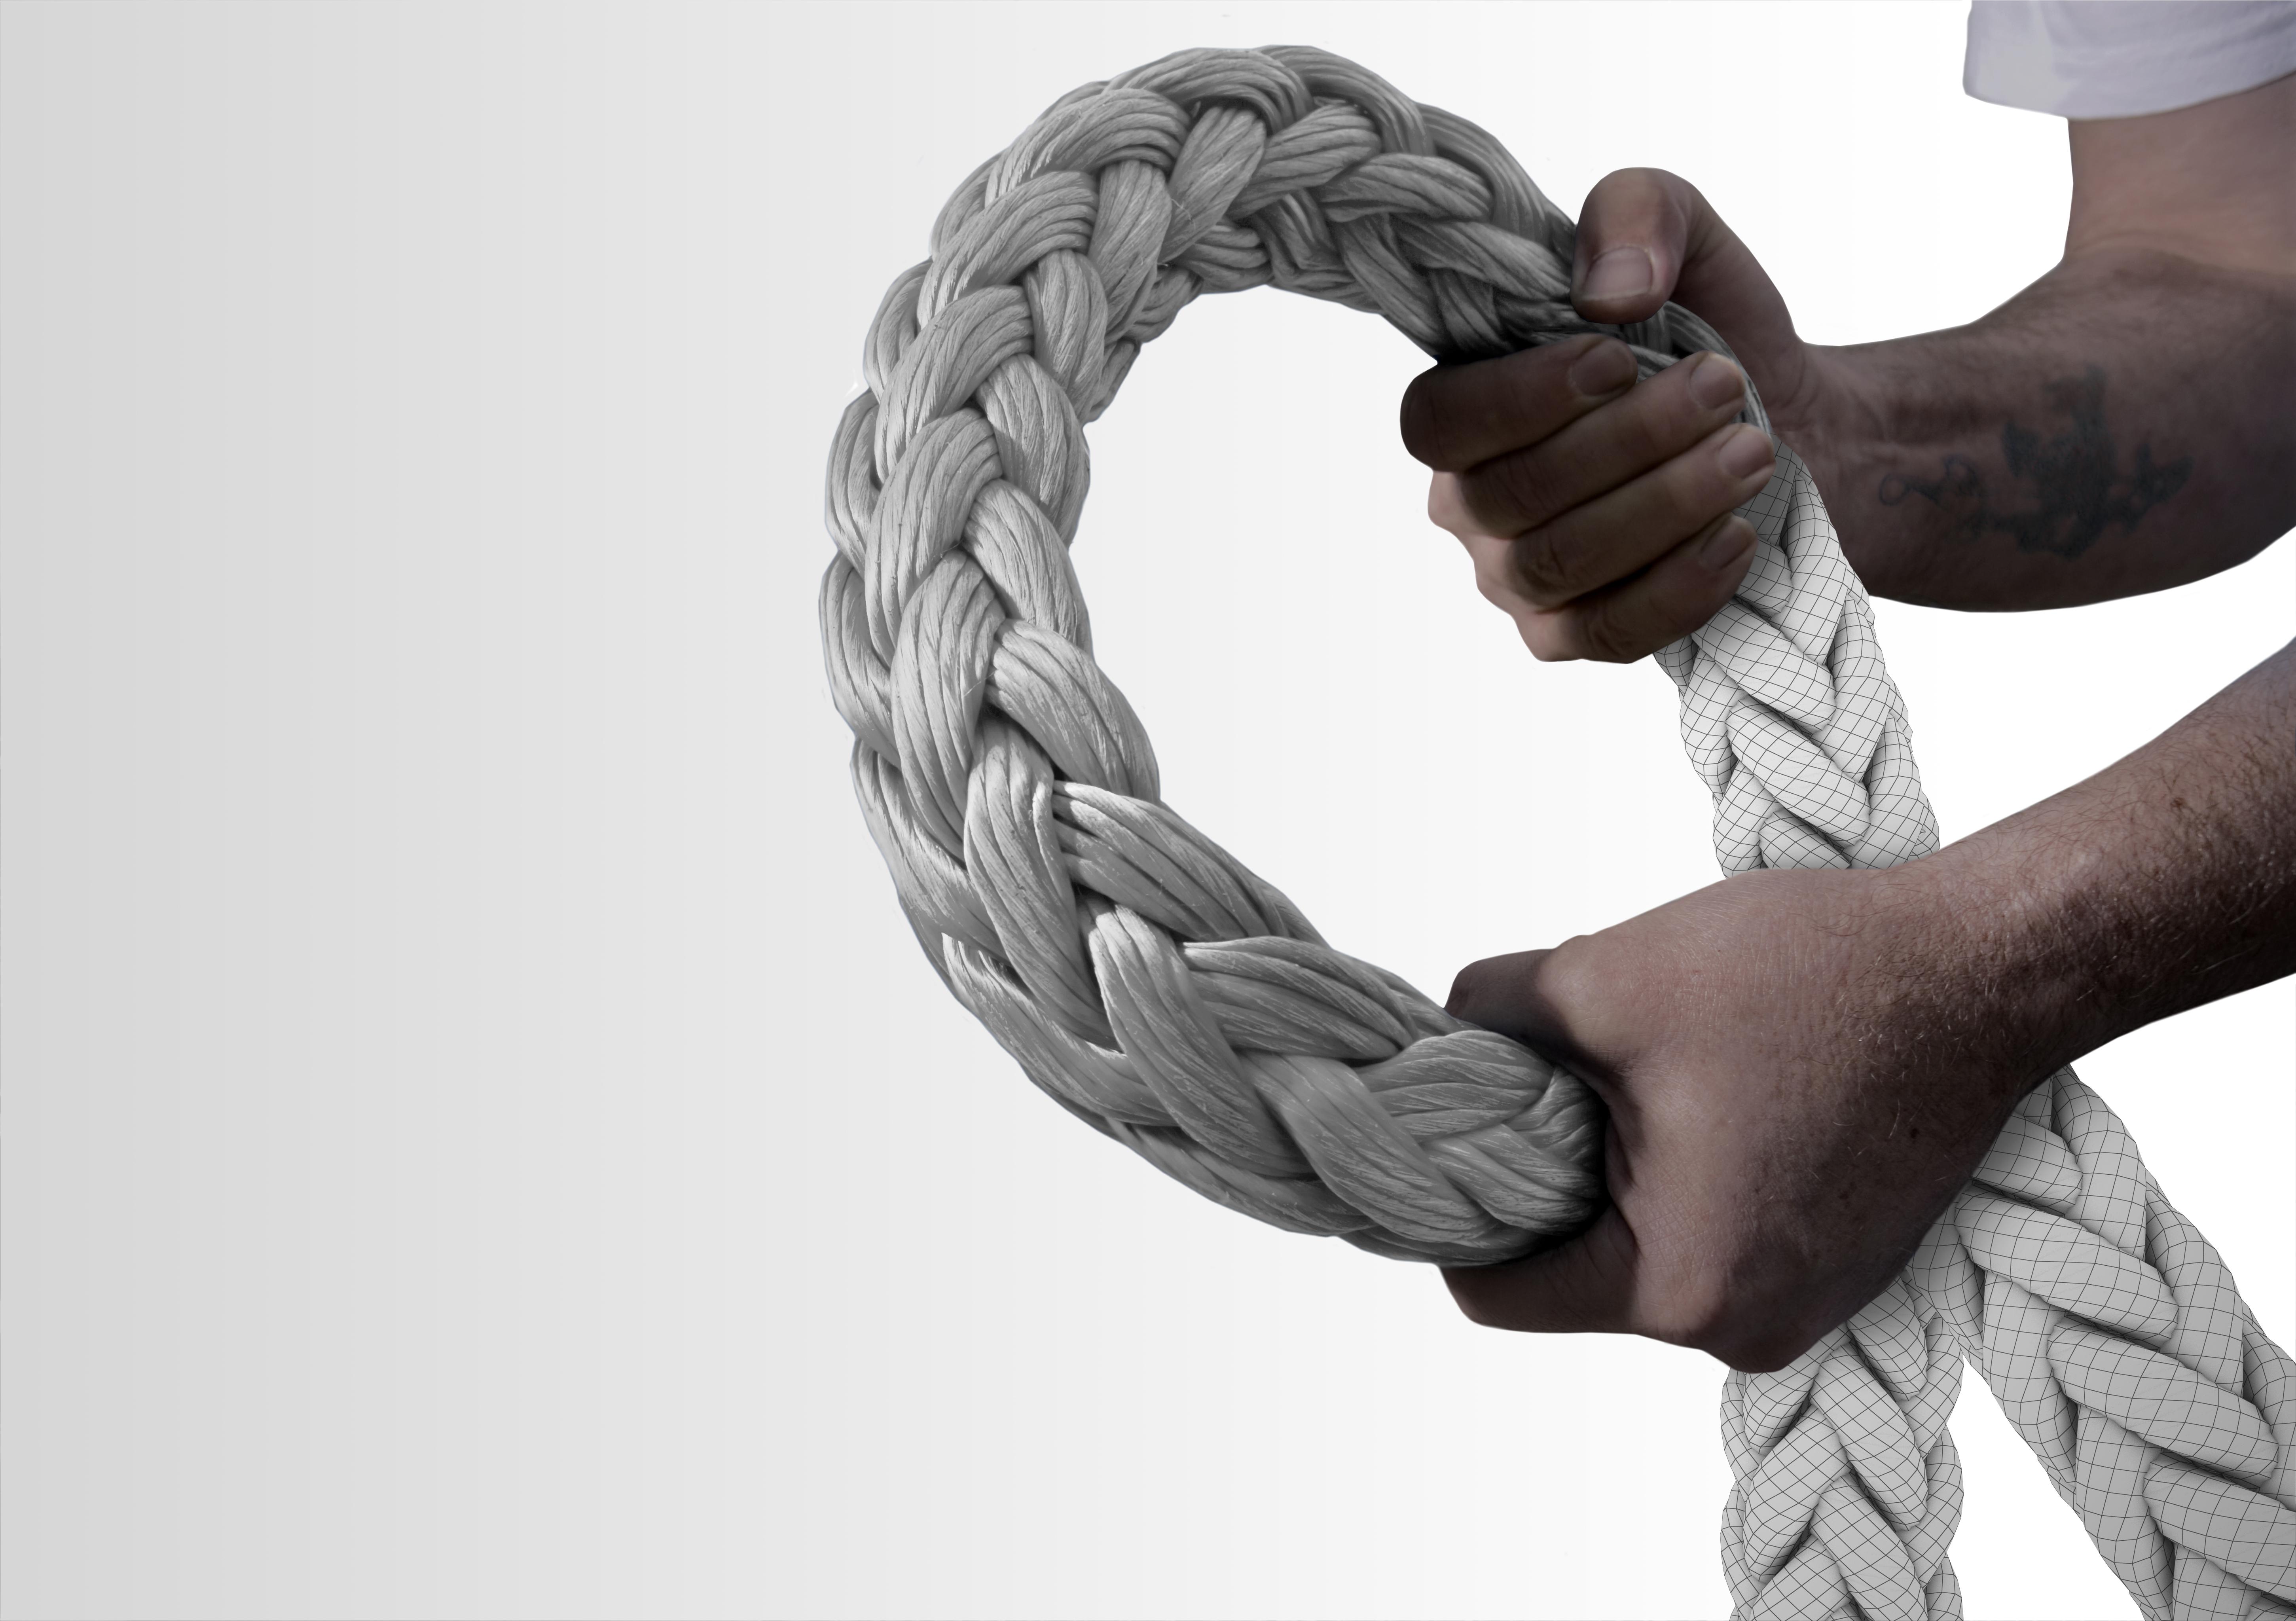 Dyneema HMPE Mooring Rope